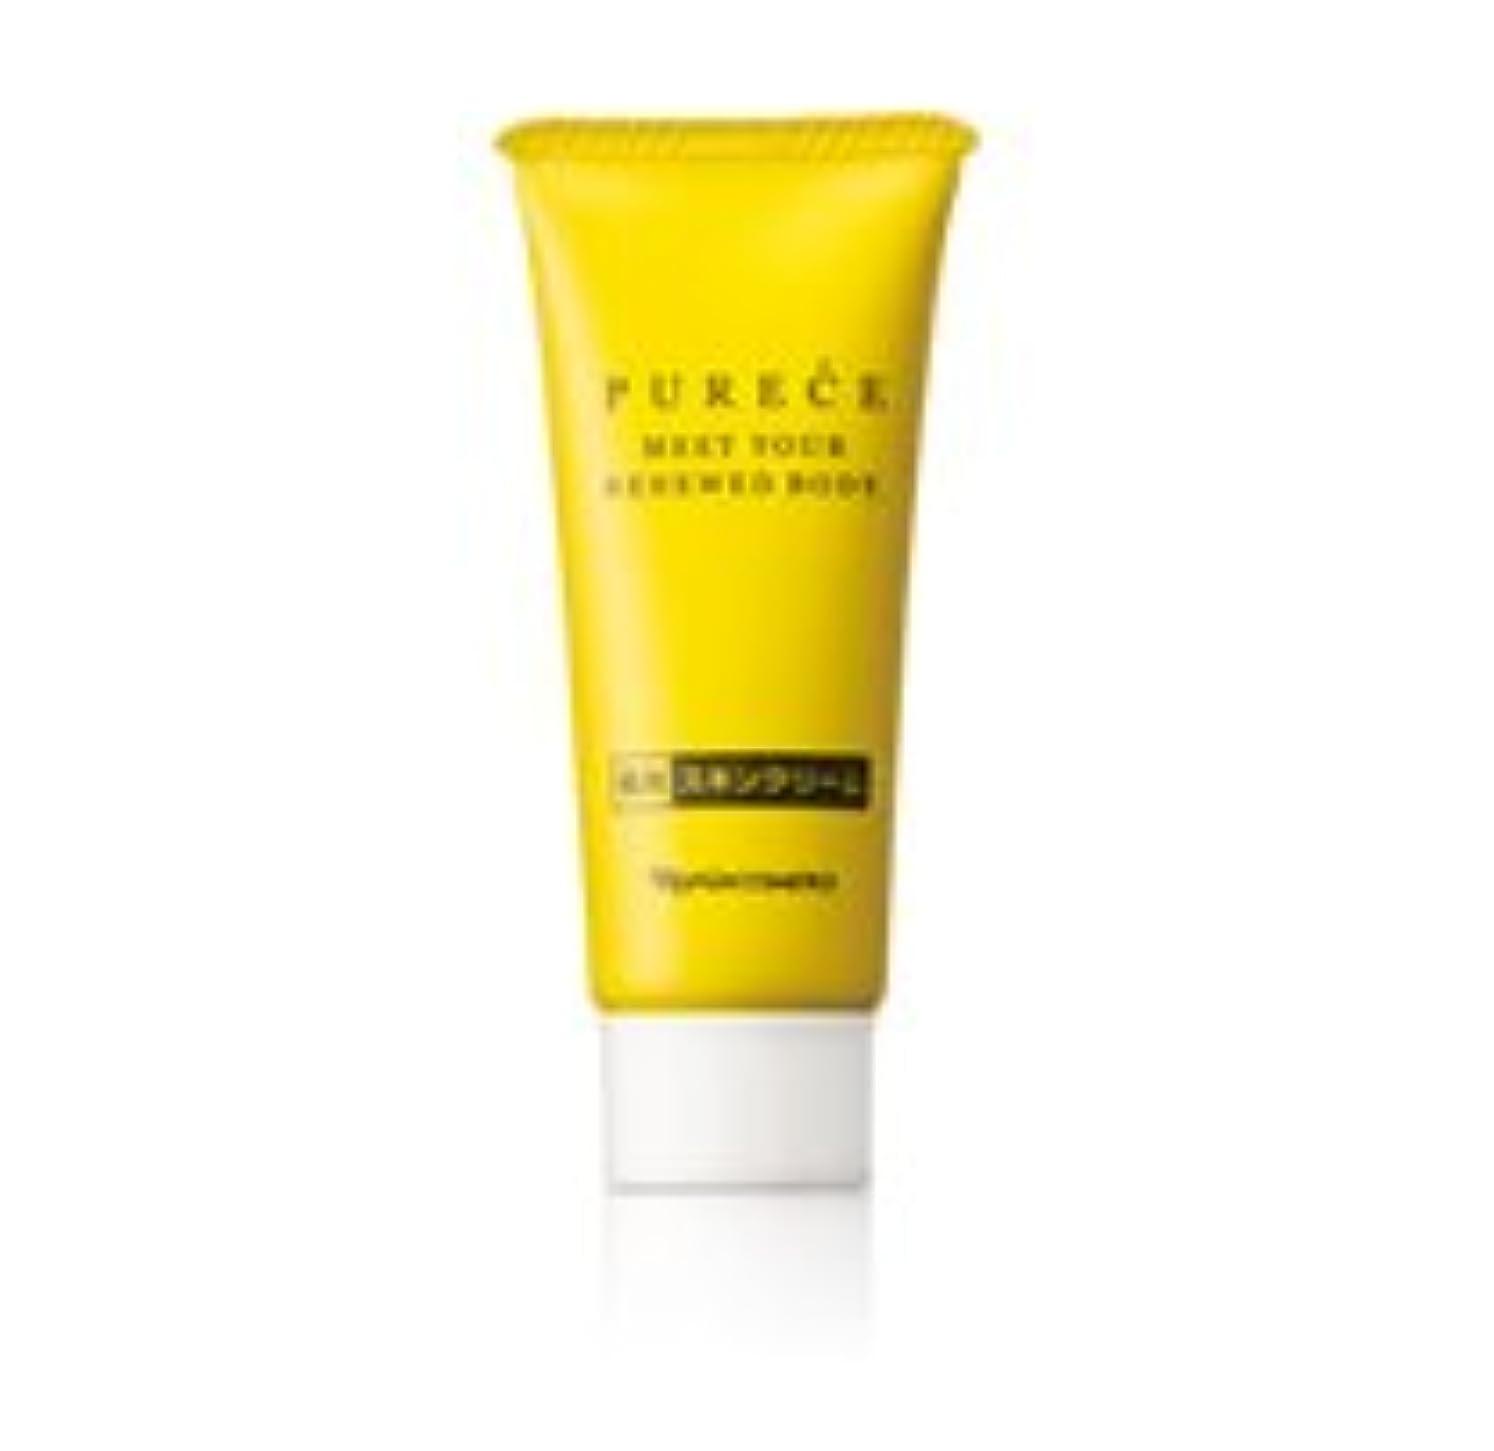 湿気の多いしたい不純ナリス化粧品 薬用 ピュアーチェ(PURECE) スキンクリーム 40g